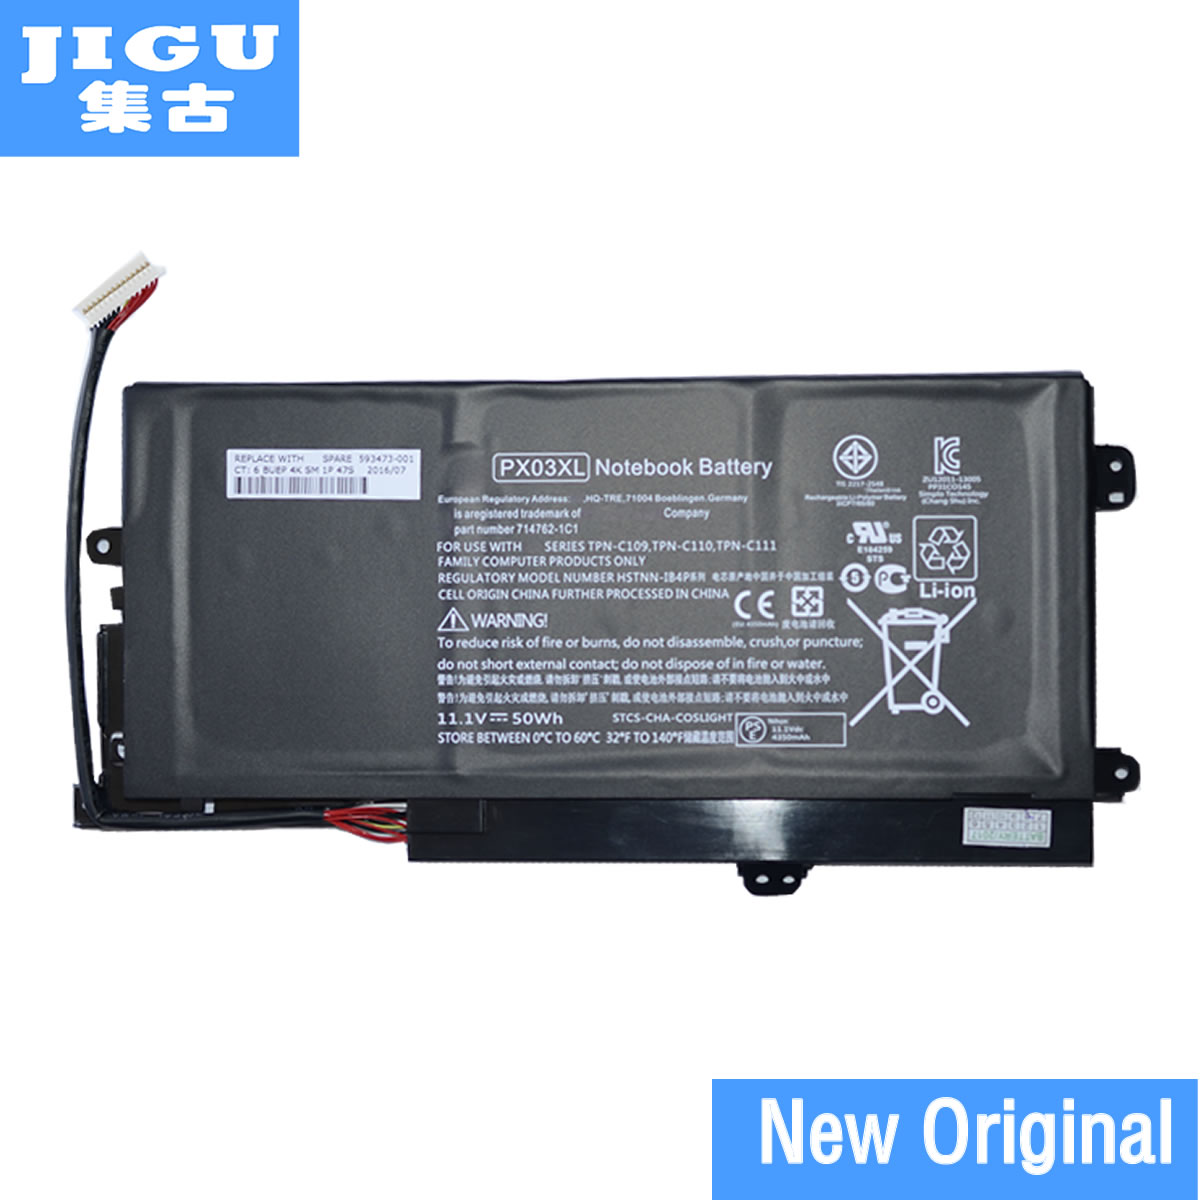 JIGU 11.1 v 50WH Nouvelle Batterie D'ordinateur Portable D'origine Pour HP TPN C109/C110/C111 PX03XL HSTNN-LB4P